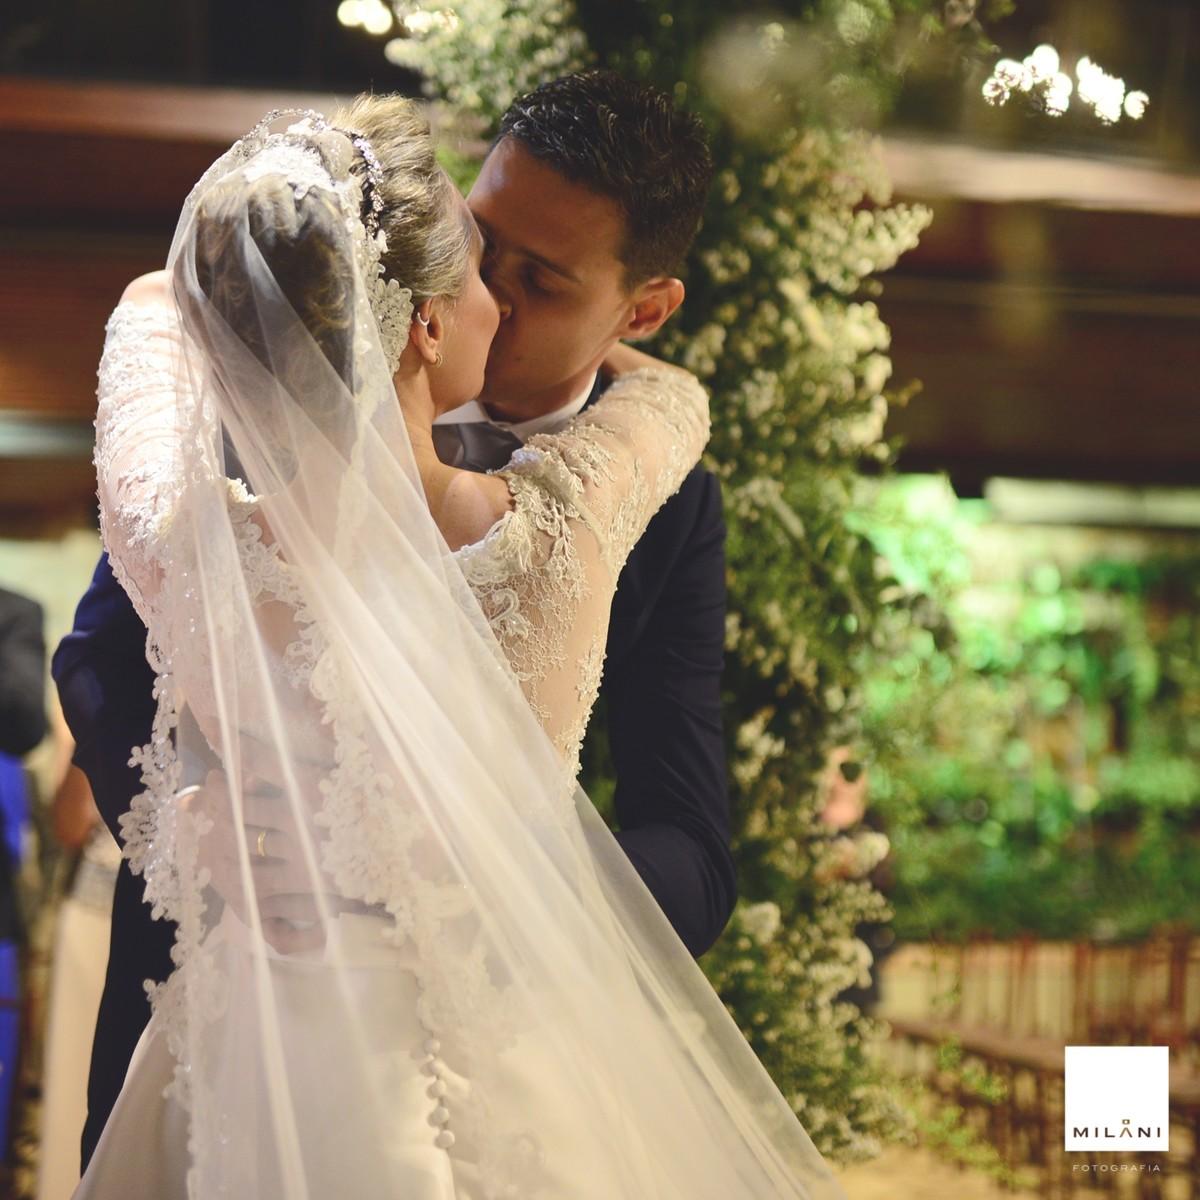 O beijo do casal Marina e Luis Fernando